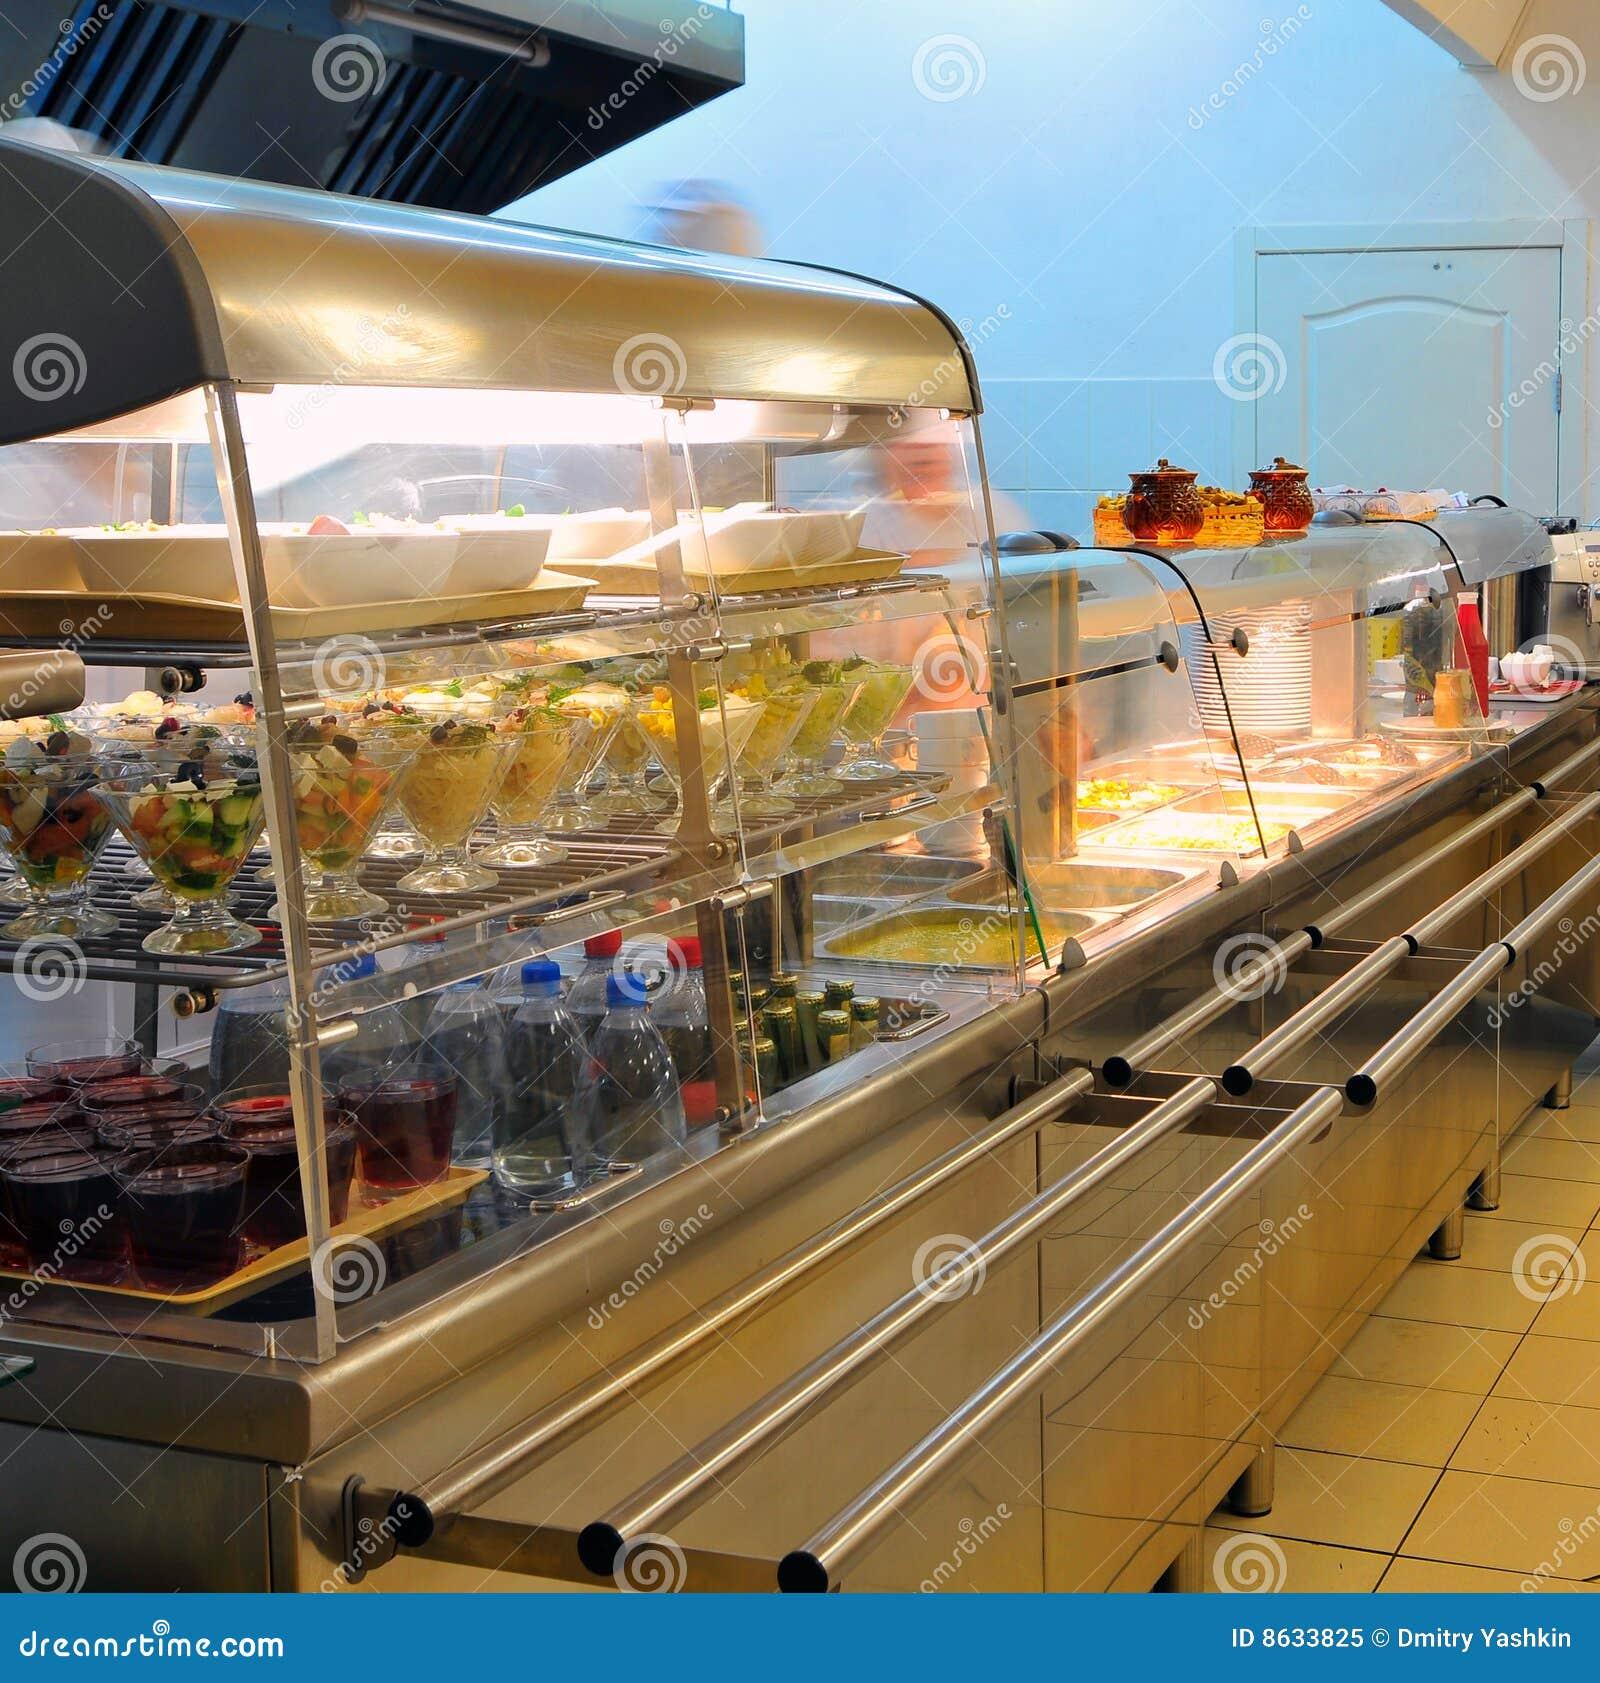 Hotel kitchen